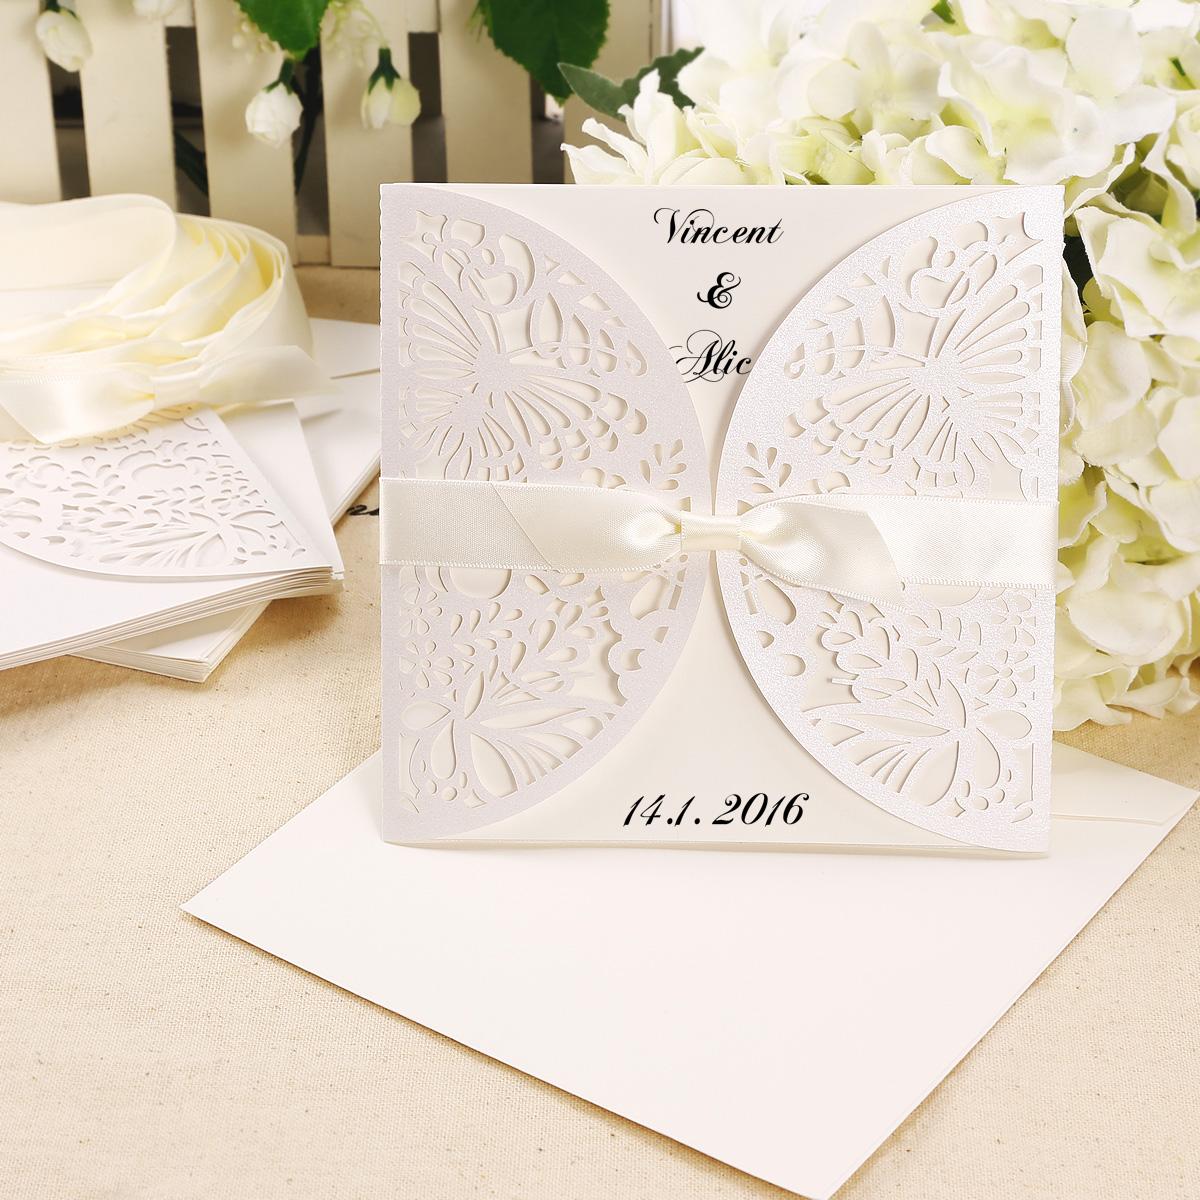 invitaciones de boda dise u00f1o vintage elegante  pack de 10